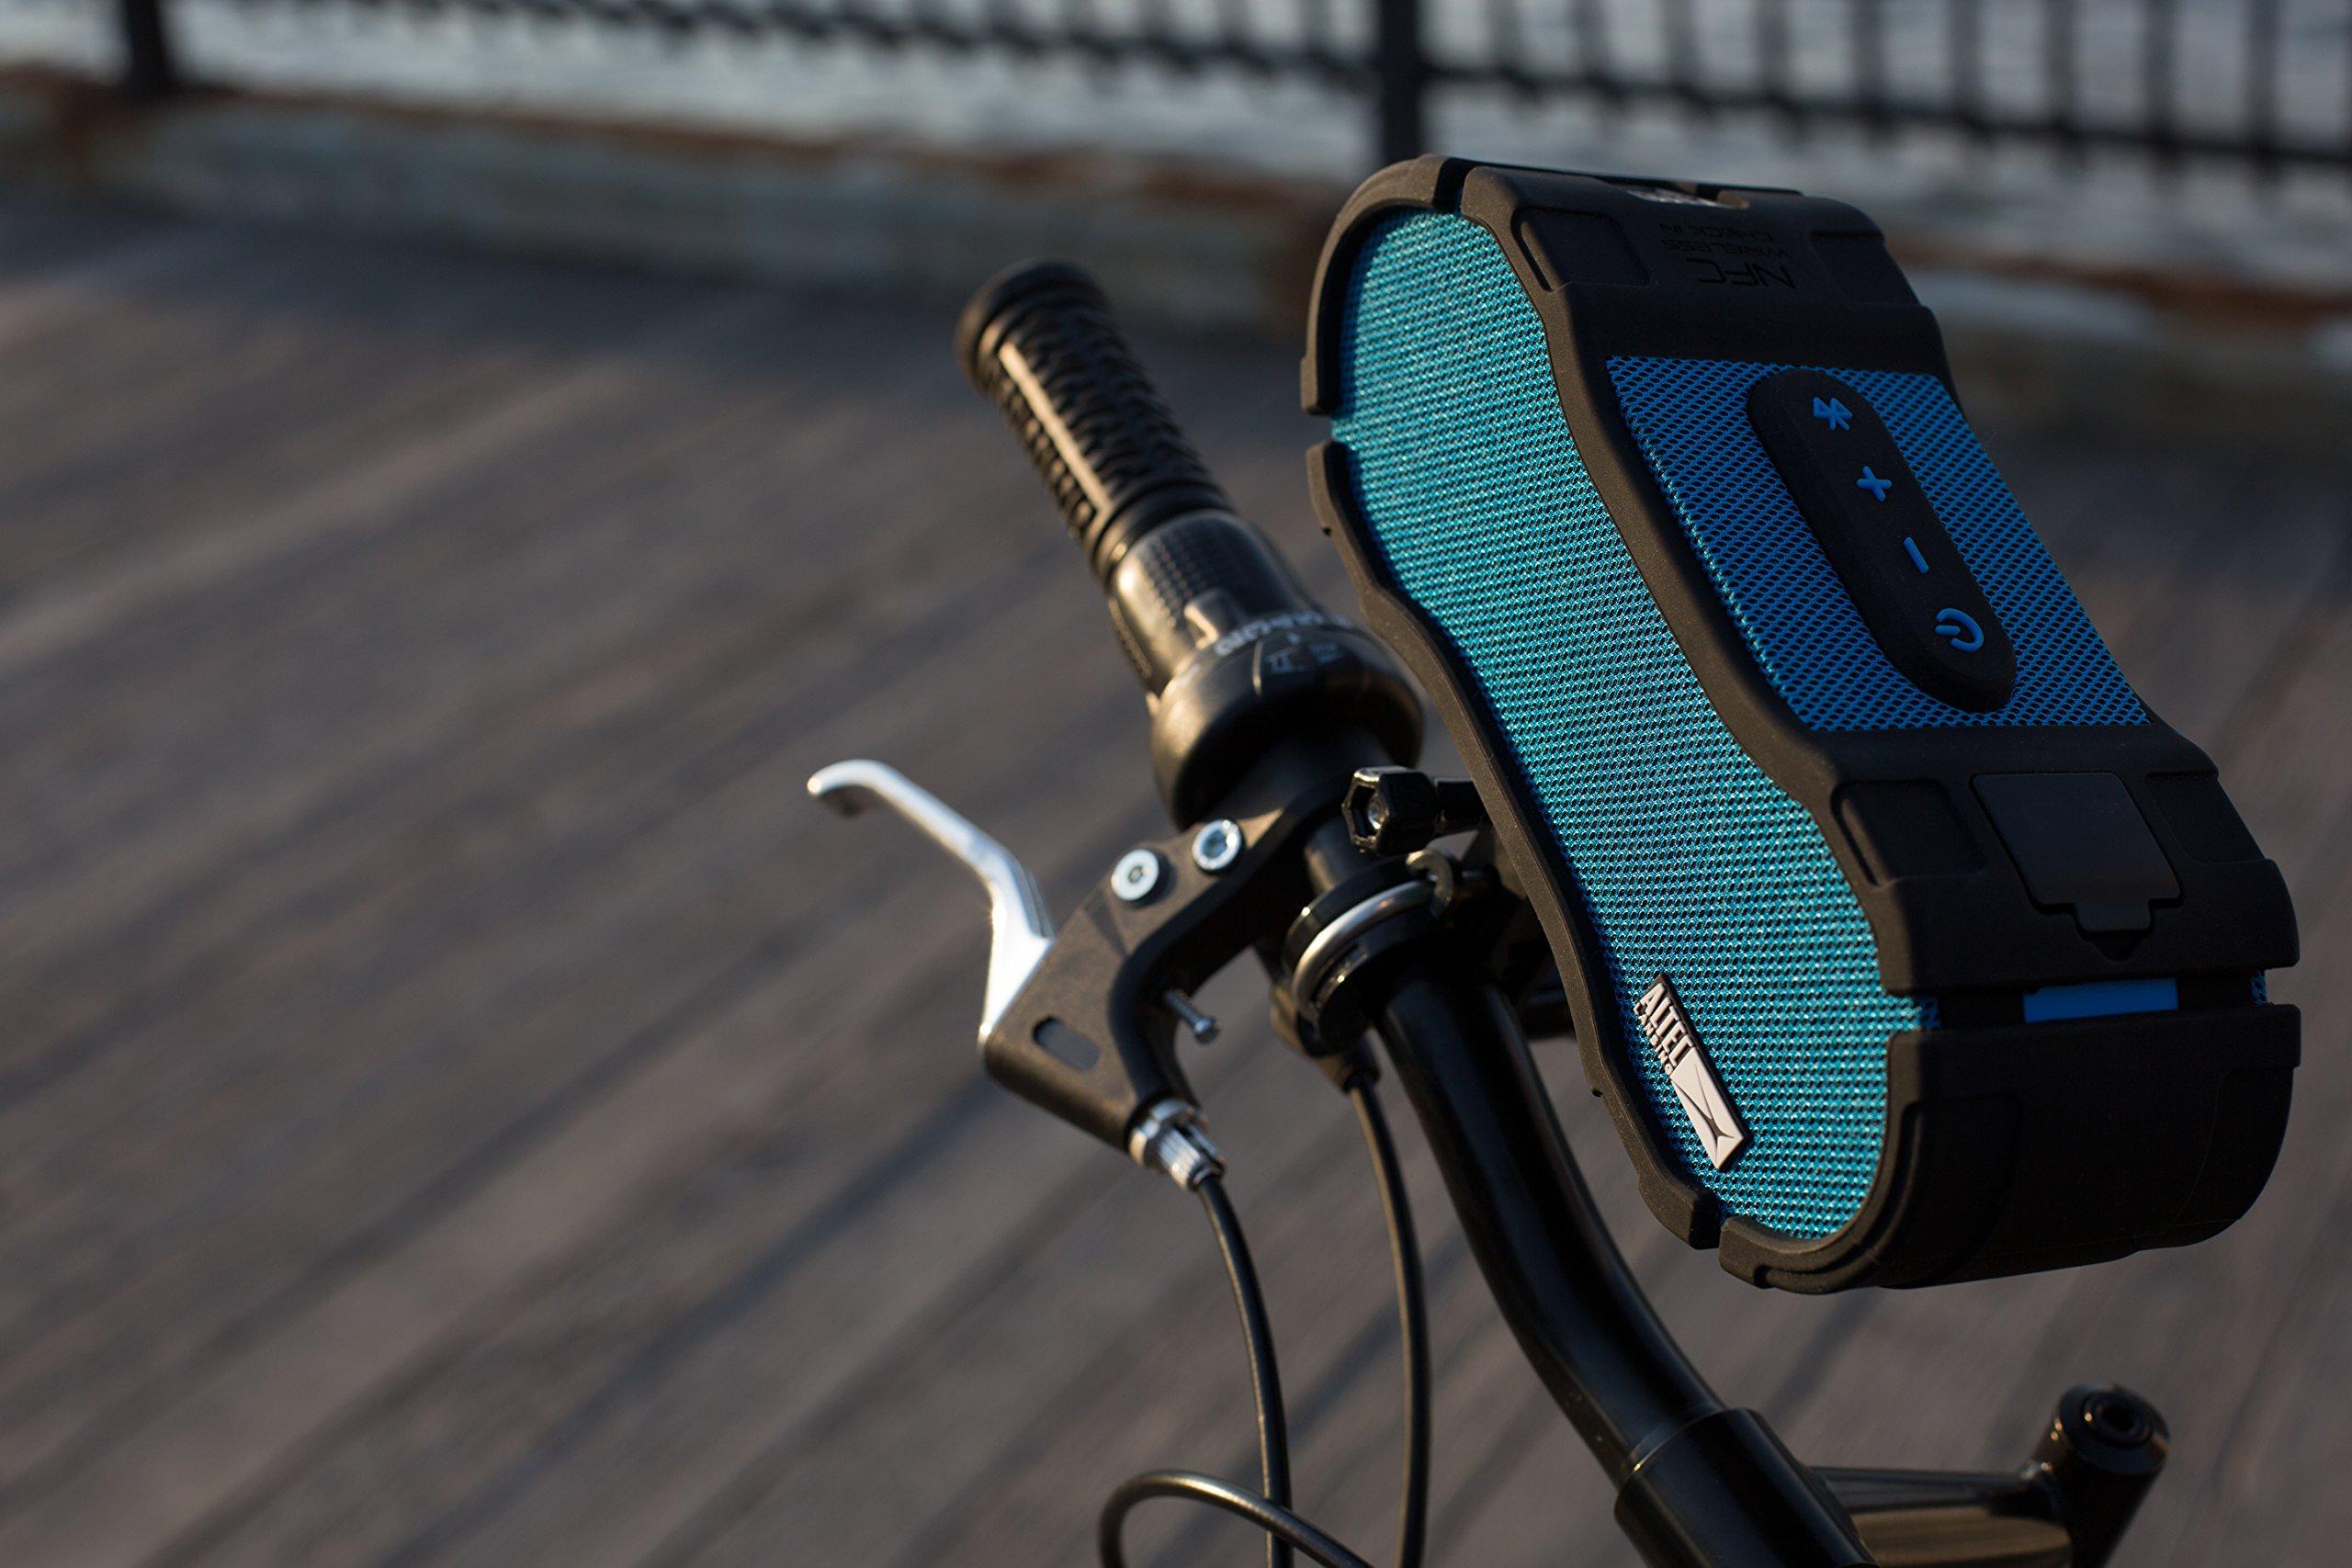 Altec Lansing IMW458-BLK Miniboom Jacket Waterproof, Shockproof & Floatable  Speaker